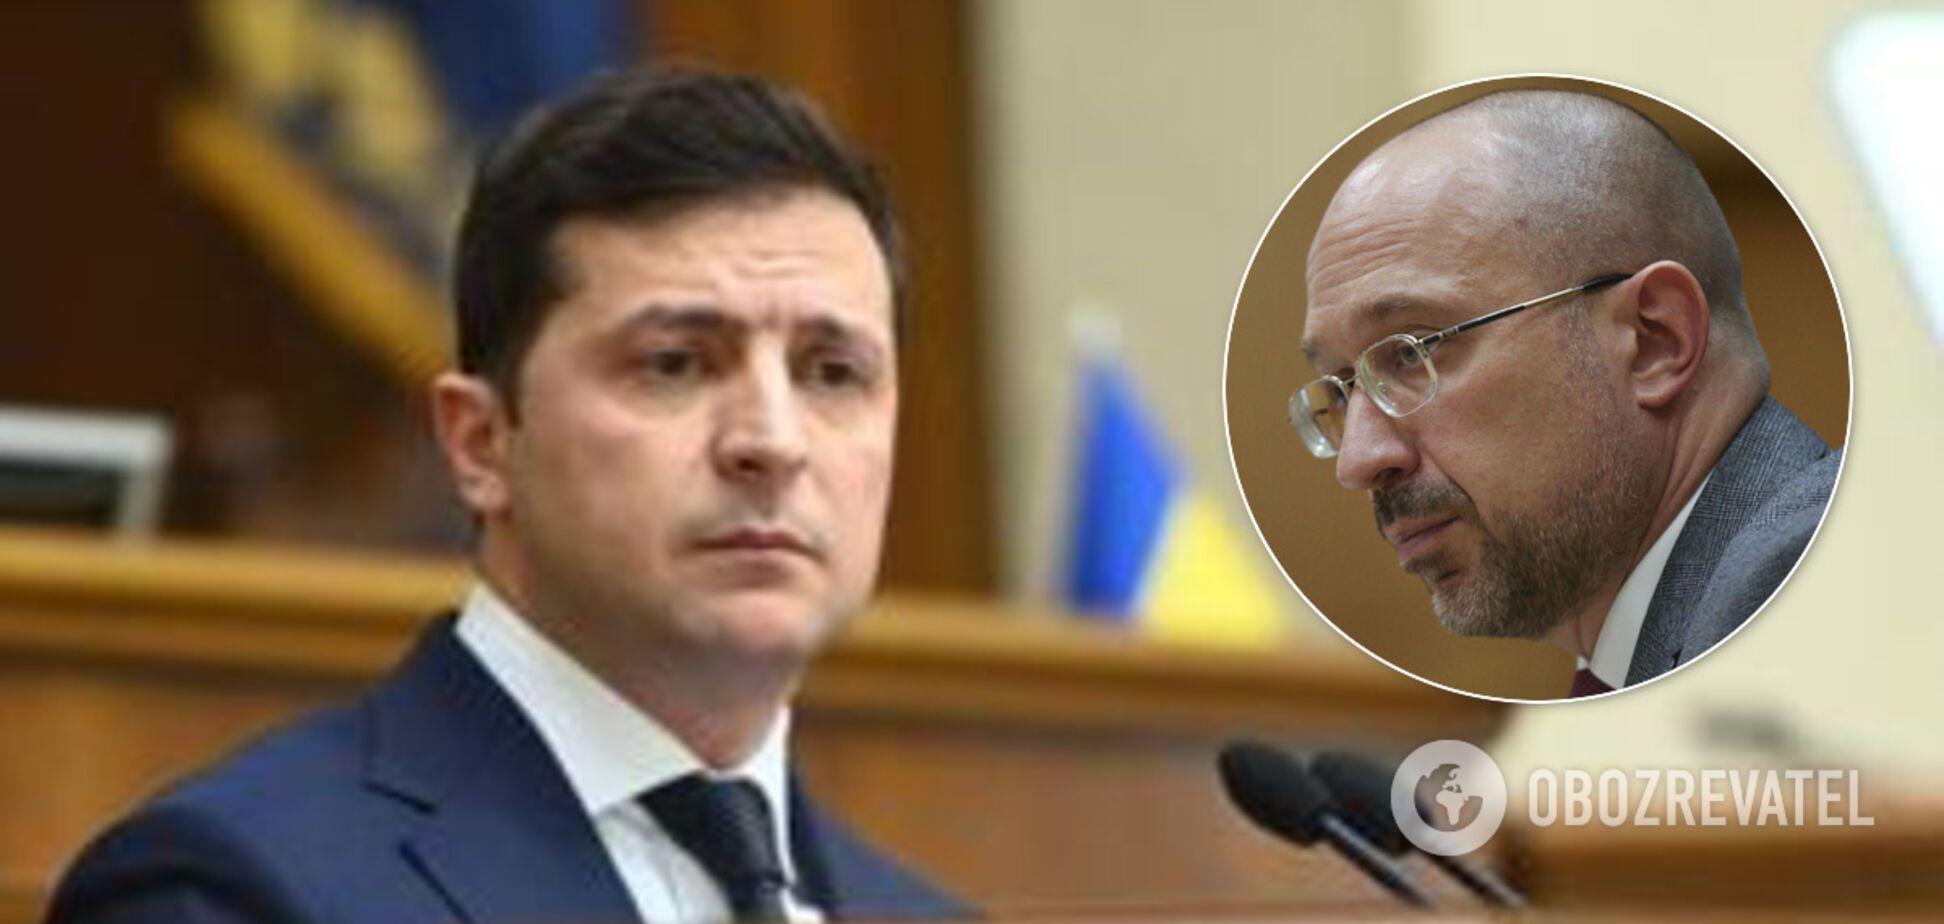 Зеленський прокоментував вплив олігархів на новий Кабмін